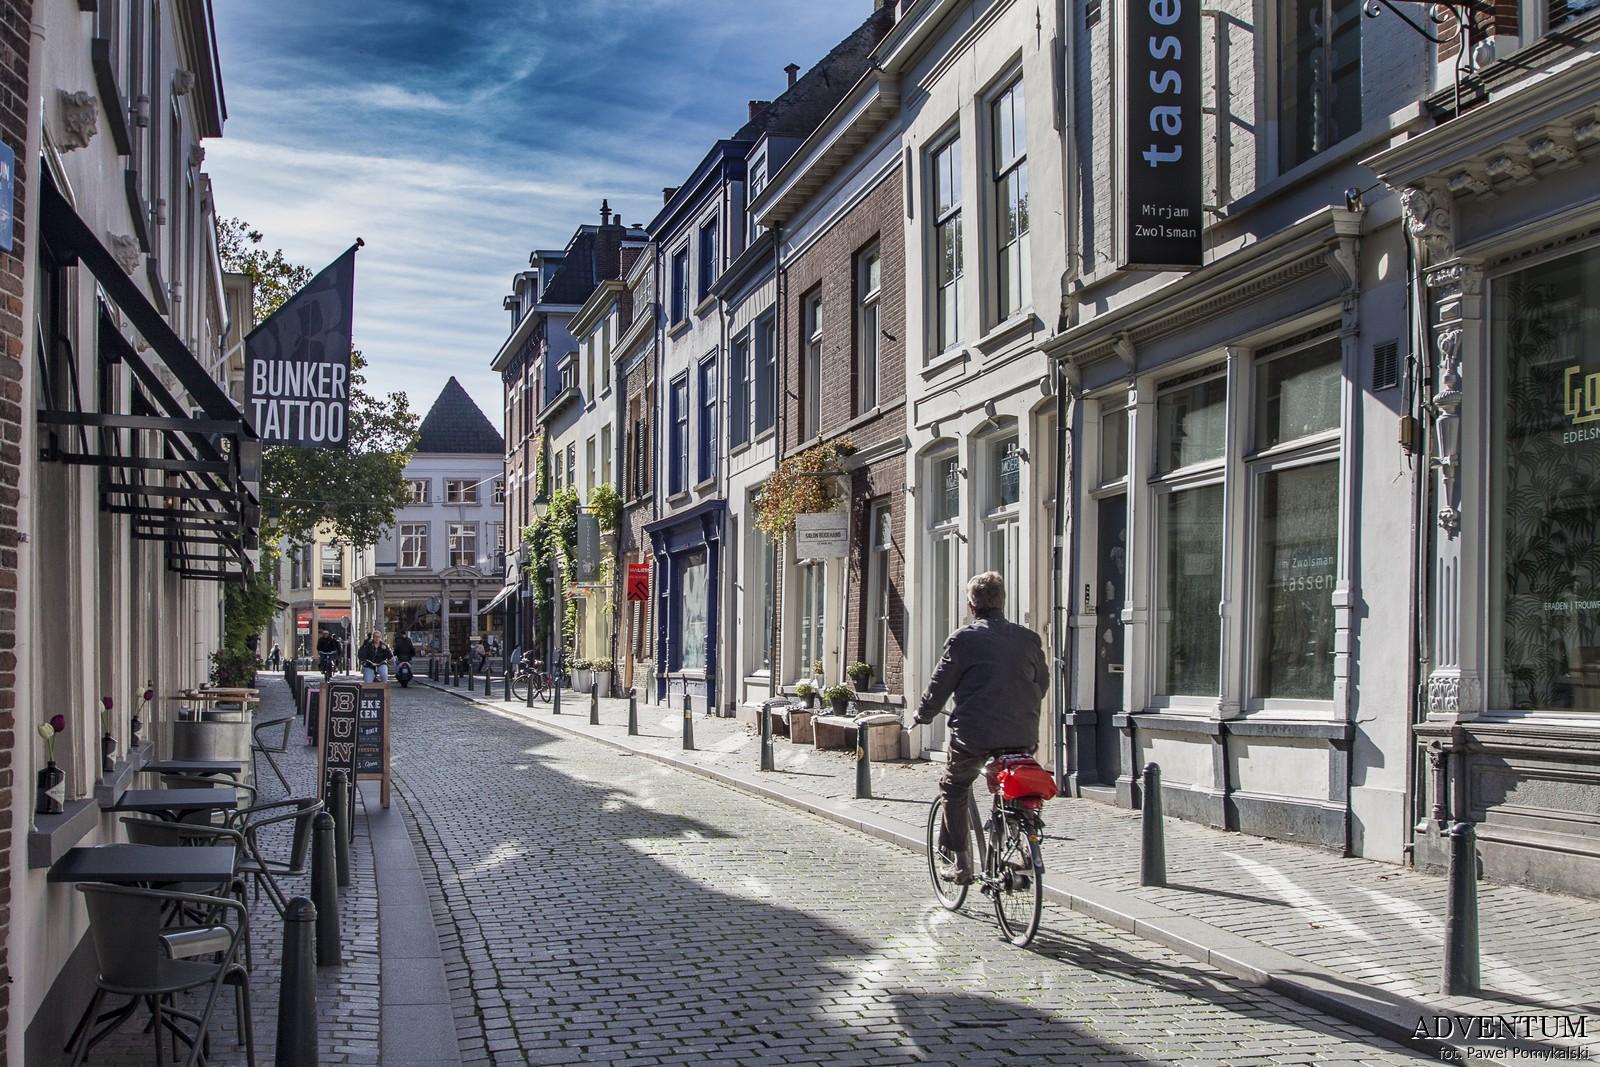 Holandia Breda Atrakcje Zwiedzanie co Zobaczyć Amsterdam Rotterdam Haga Kanały Wiatraki